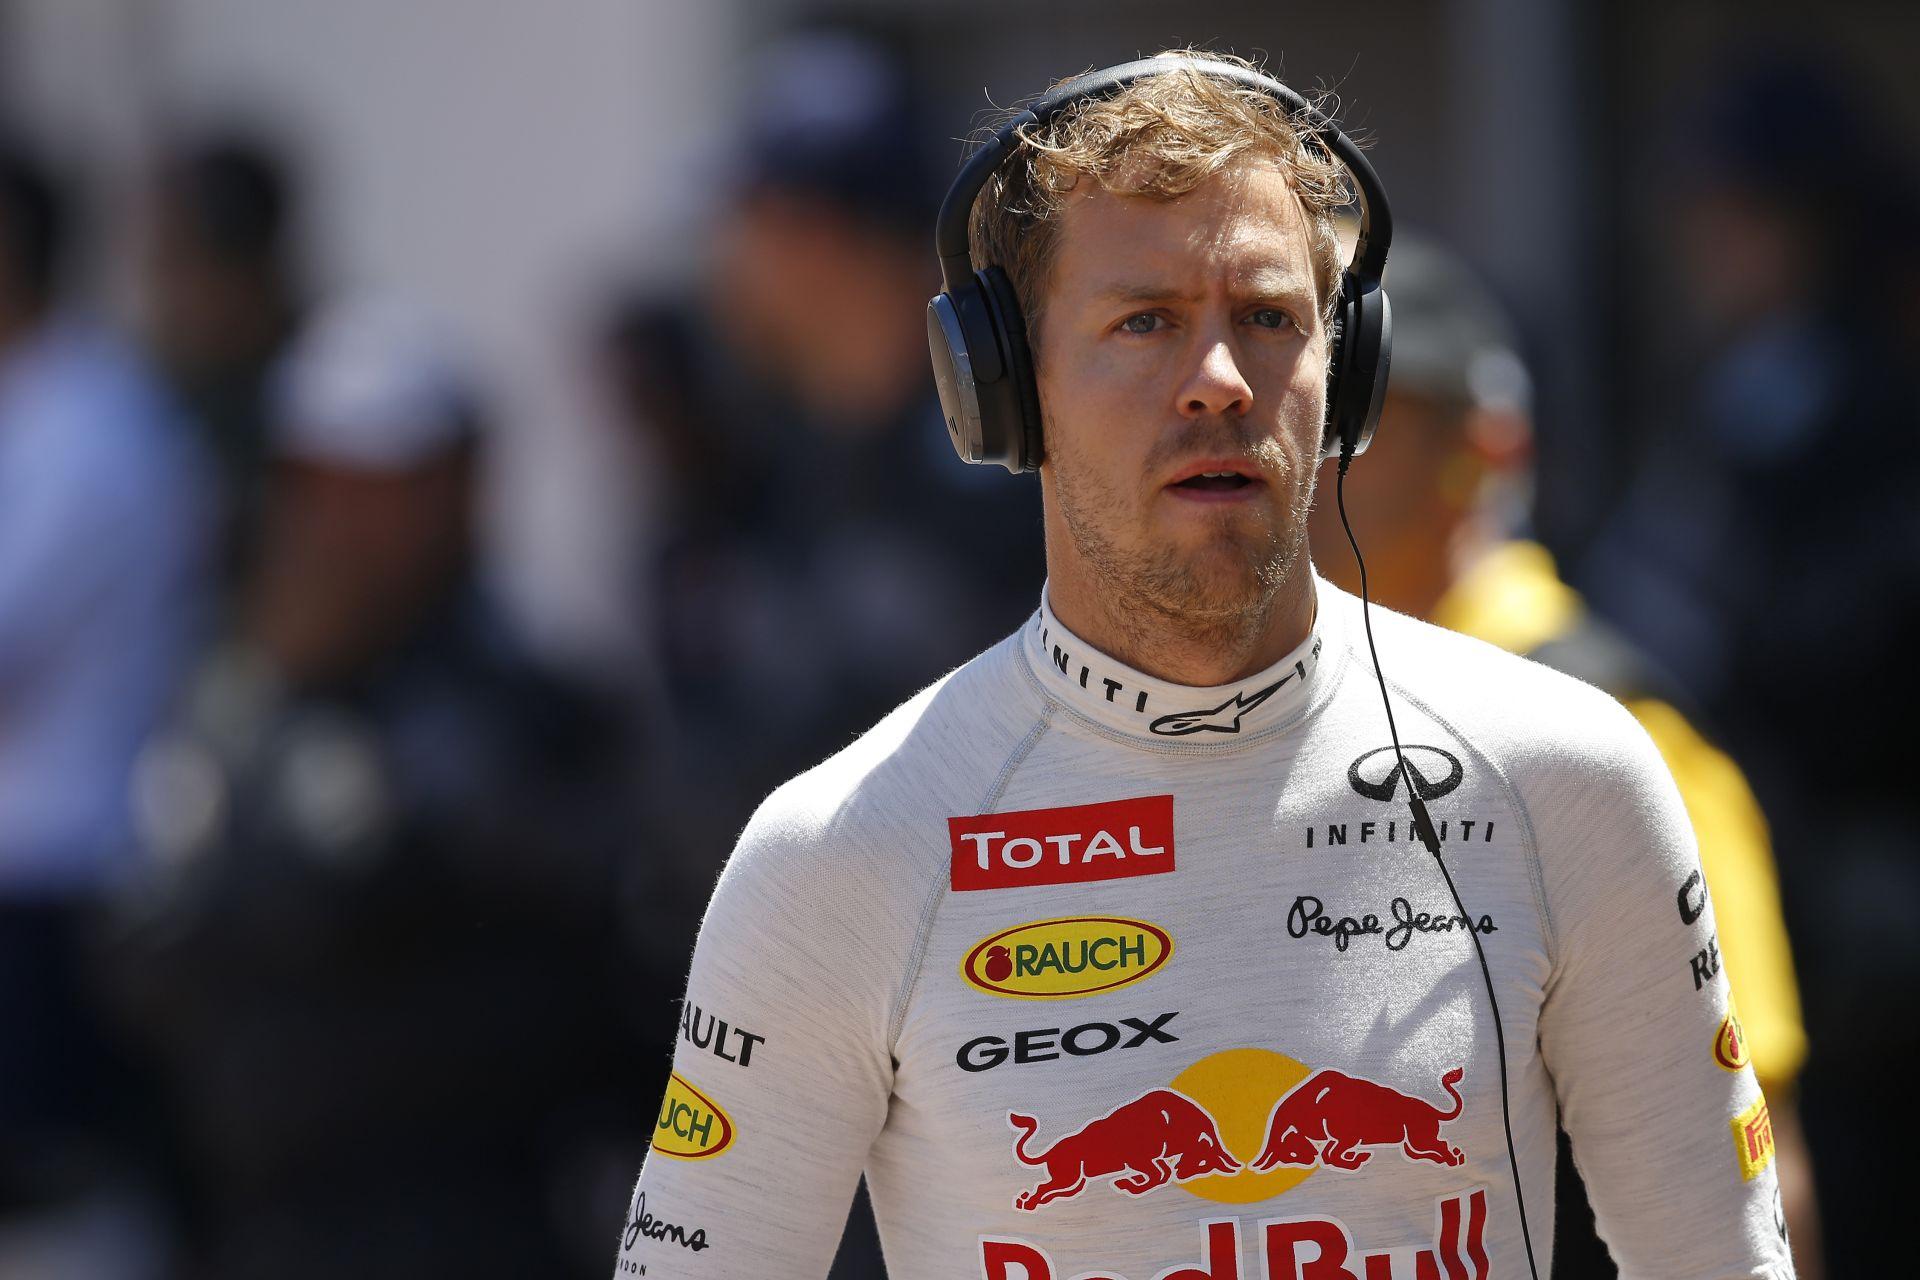 Hivatalos: Új sebességváltót kapott Vettel, de nem kap büntetést